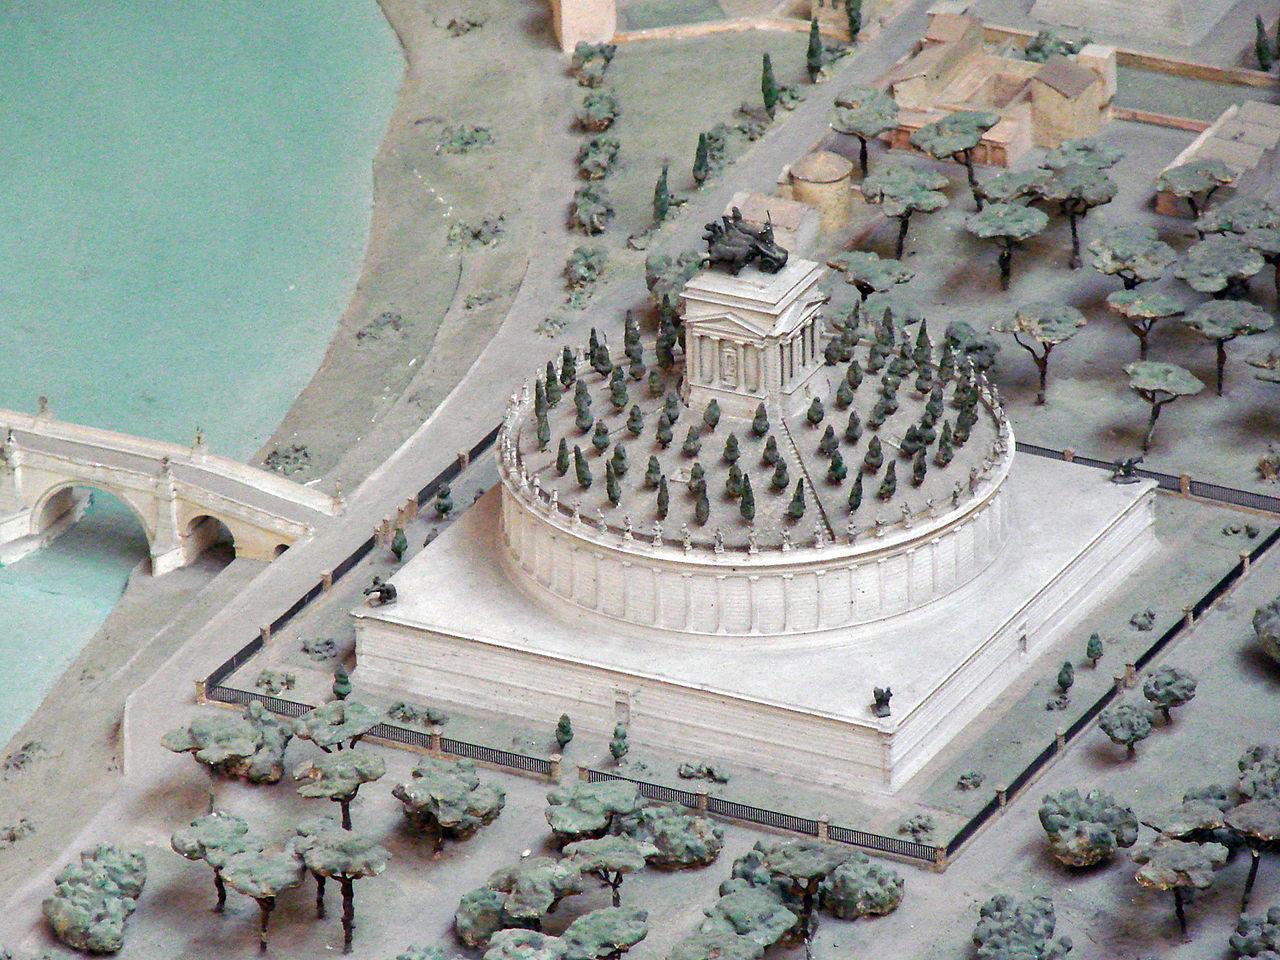 Maquette du Mausolée dHadrien (musée de la civilisation romaine, Rome) (5911811430).jpg